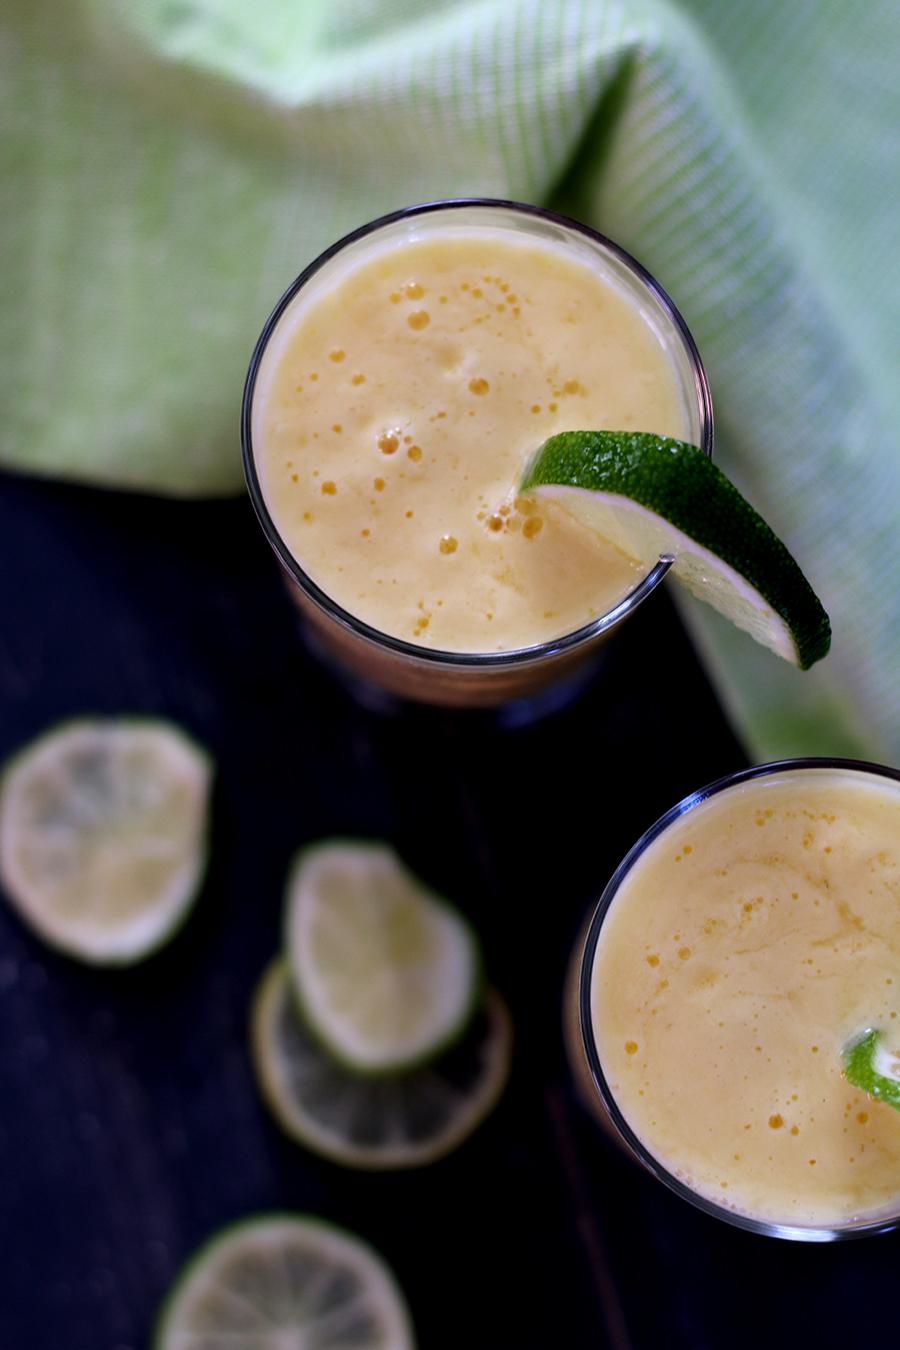 Gezond zomerdrankje: smoothie van mango, limoen en sinaasappel